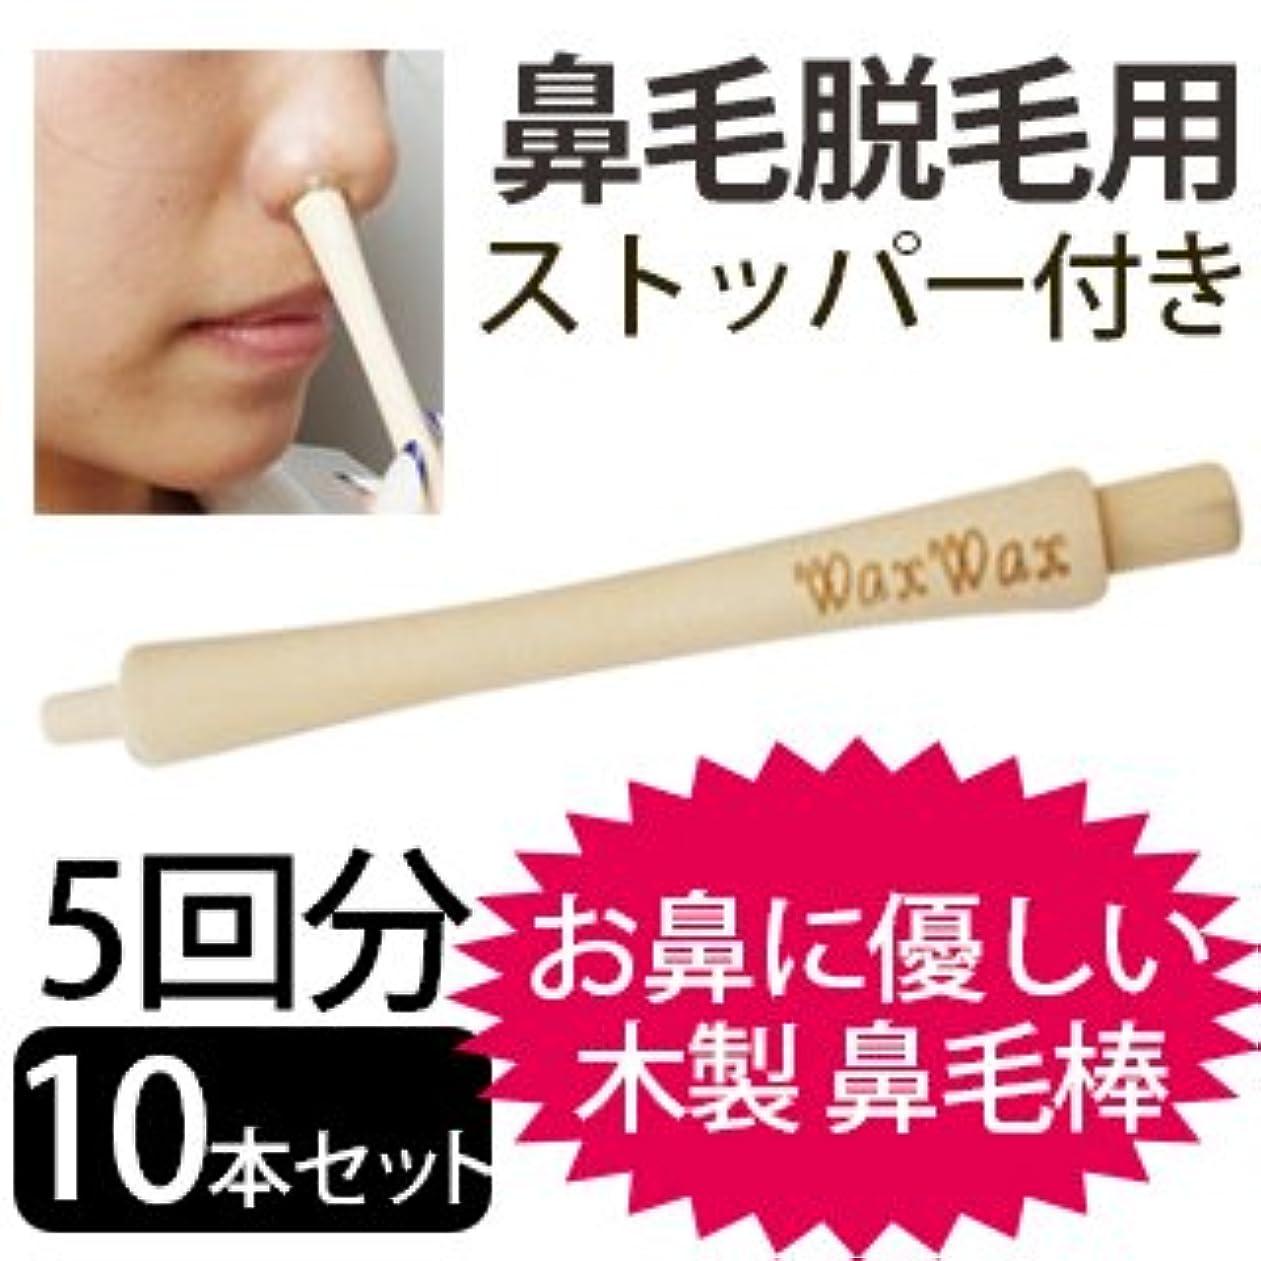 ユニークな頼むソーシャルWaxWax 鼻毛脱毛 ストッパー付きウッドスティック 10本 ワックス 脱毛